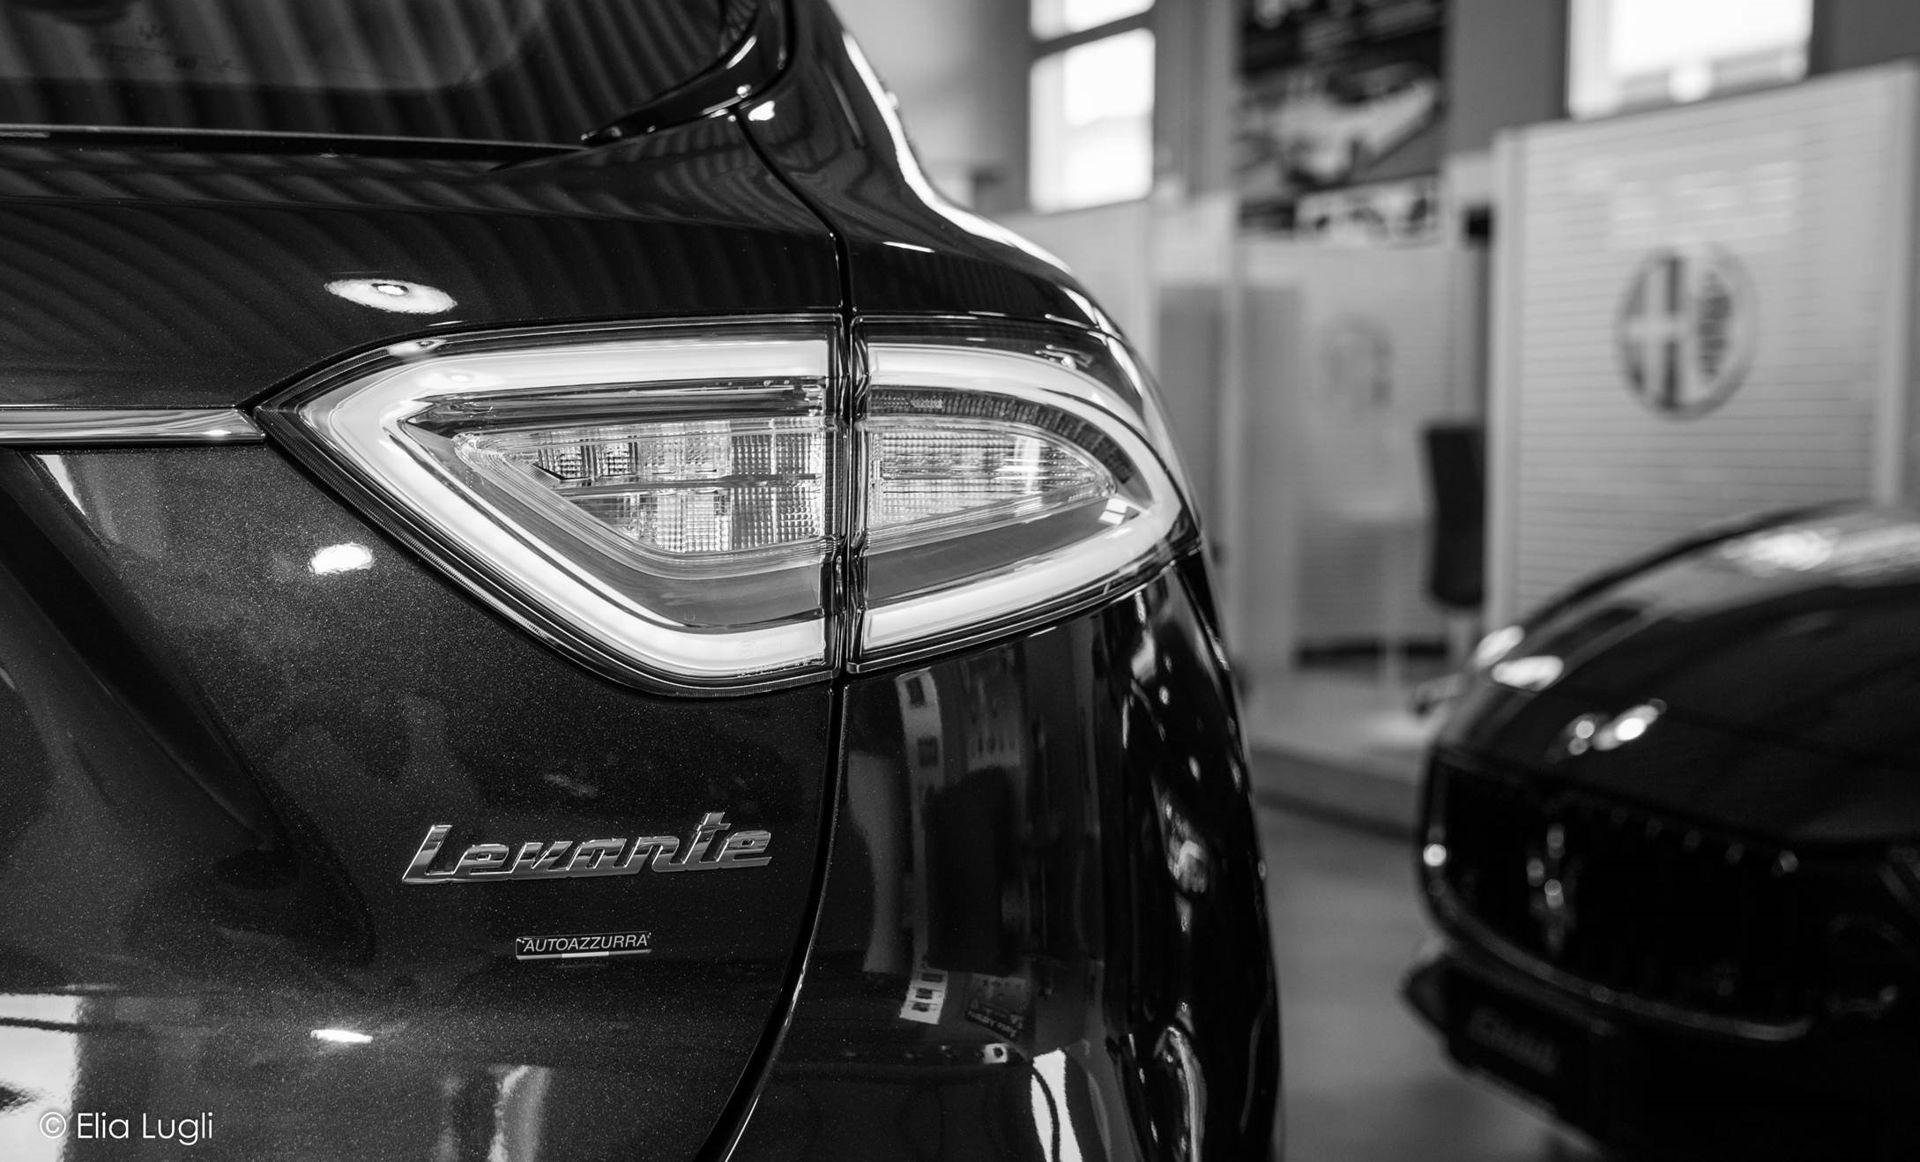 Maserati Auto Azzurra